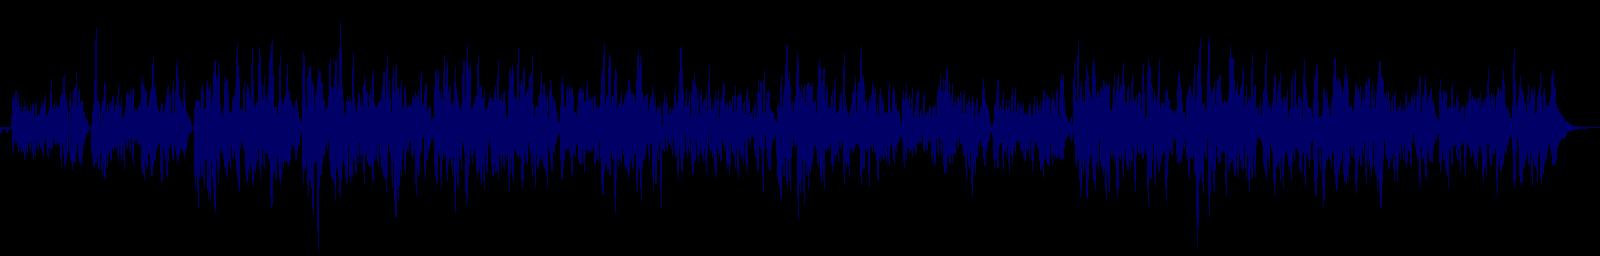 waveform of track #154407